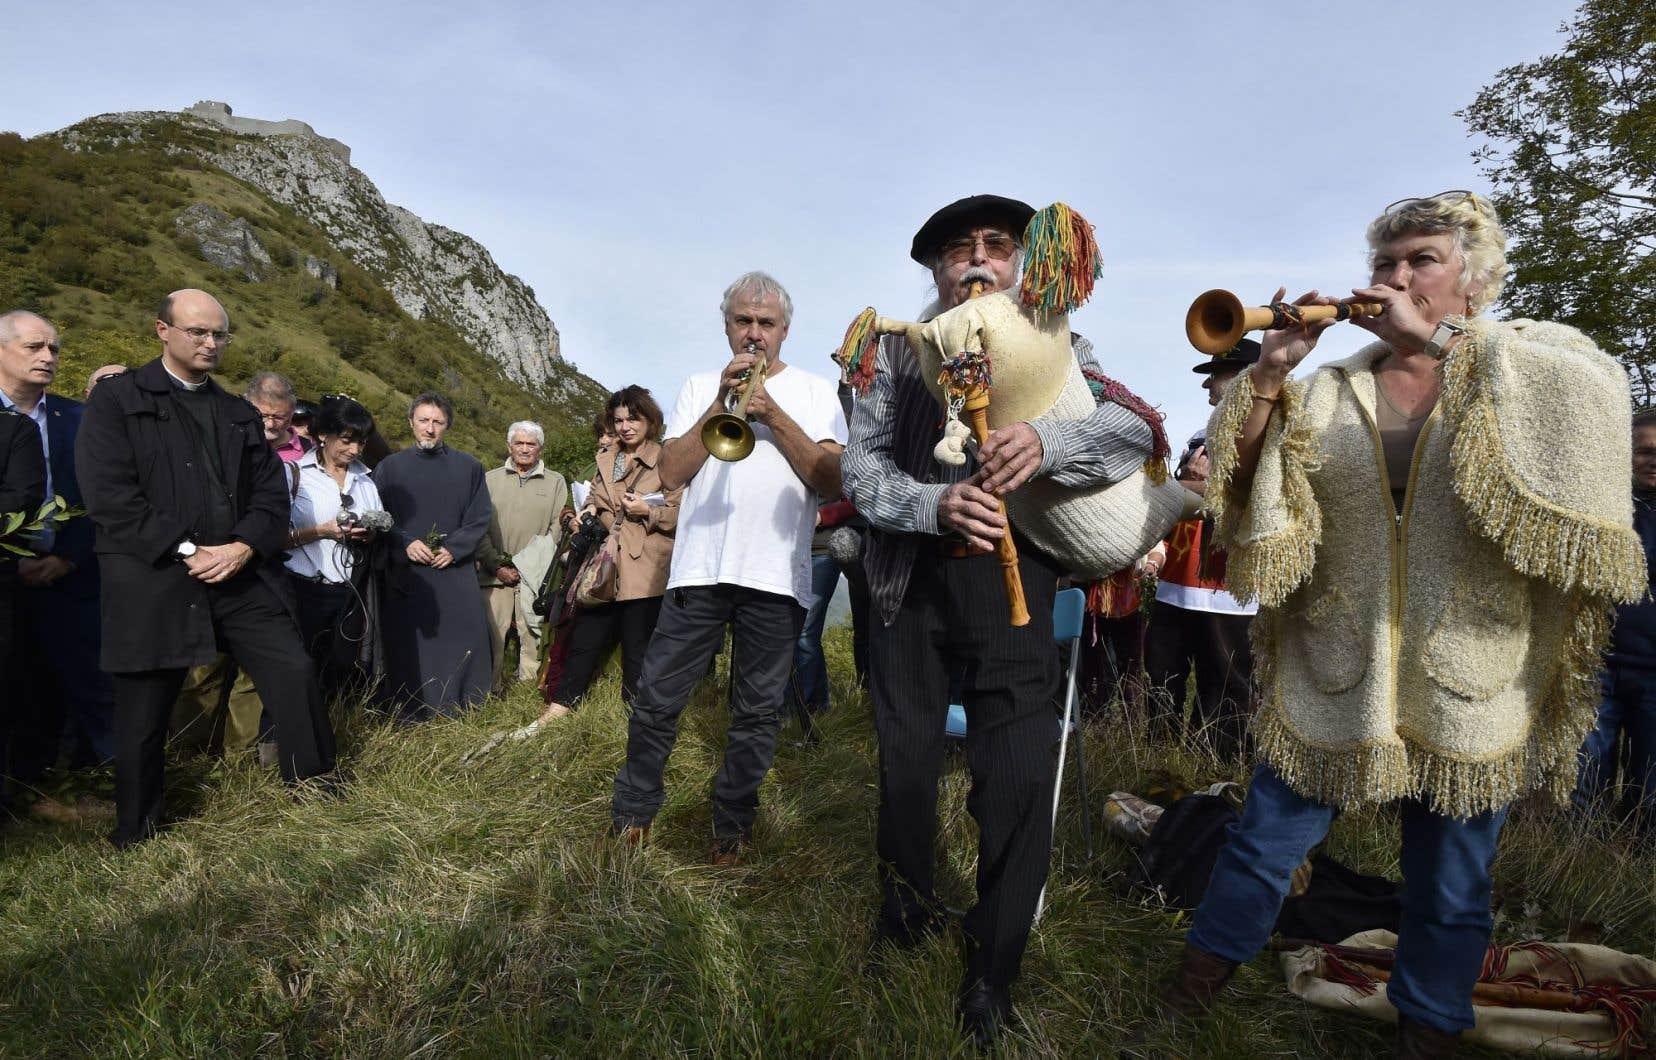 Des musiciens participaient dimanche à une «démarche de pardon» pour les massacres de Cathares survenus il y a près de huit siècles.